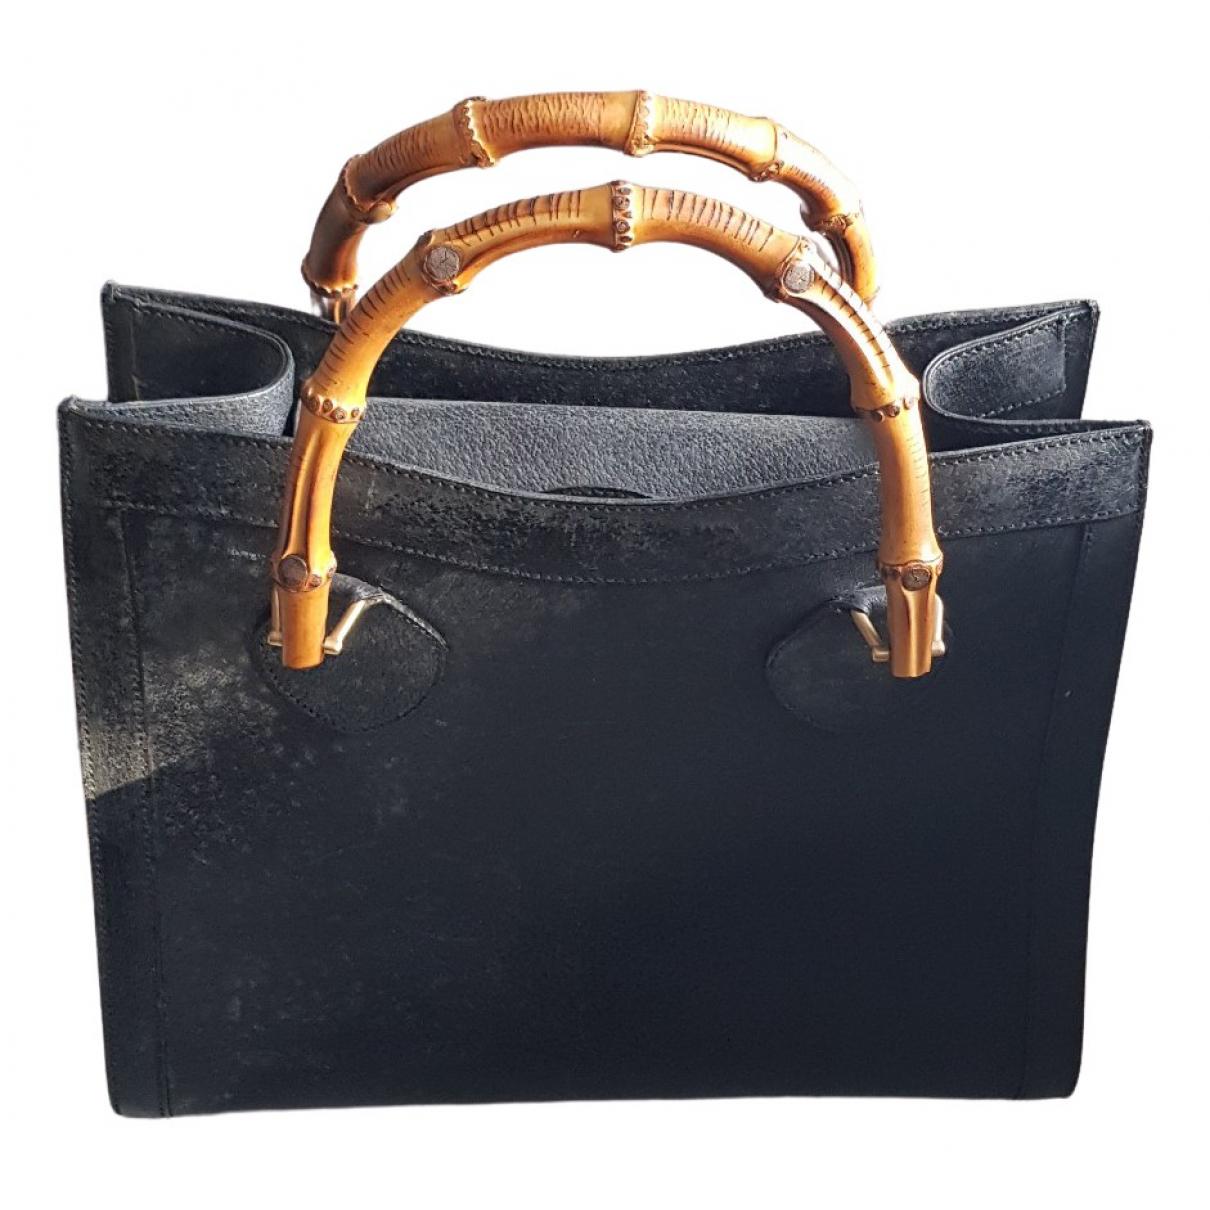 Gucci - Sac a main Bamboo pour femme en cuir - noir